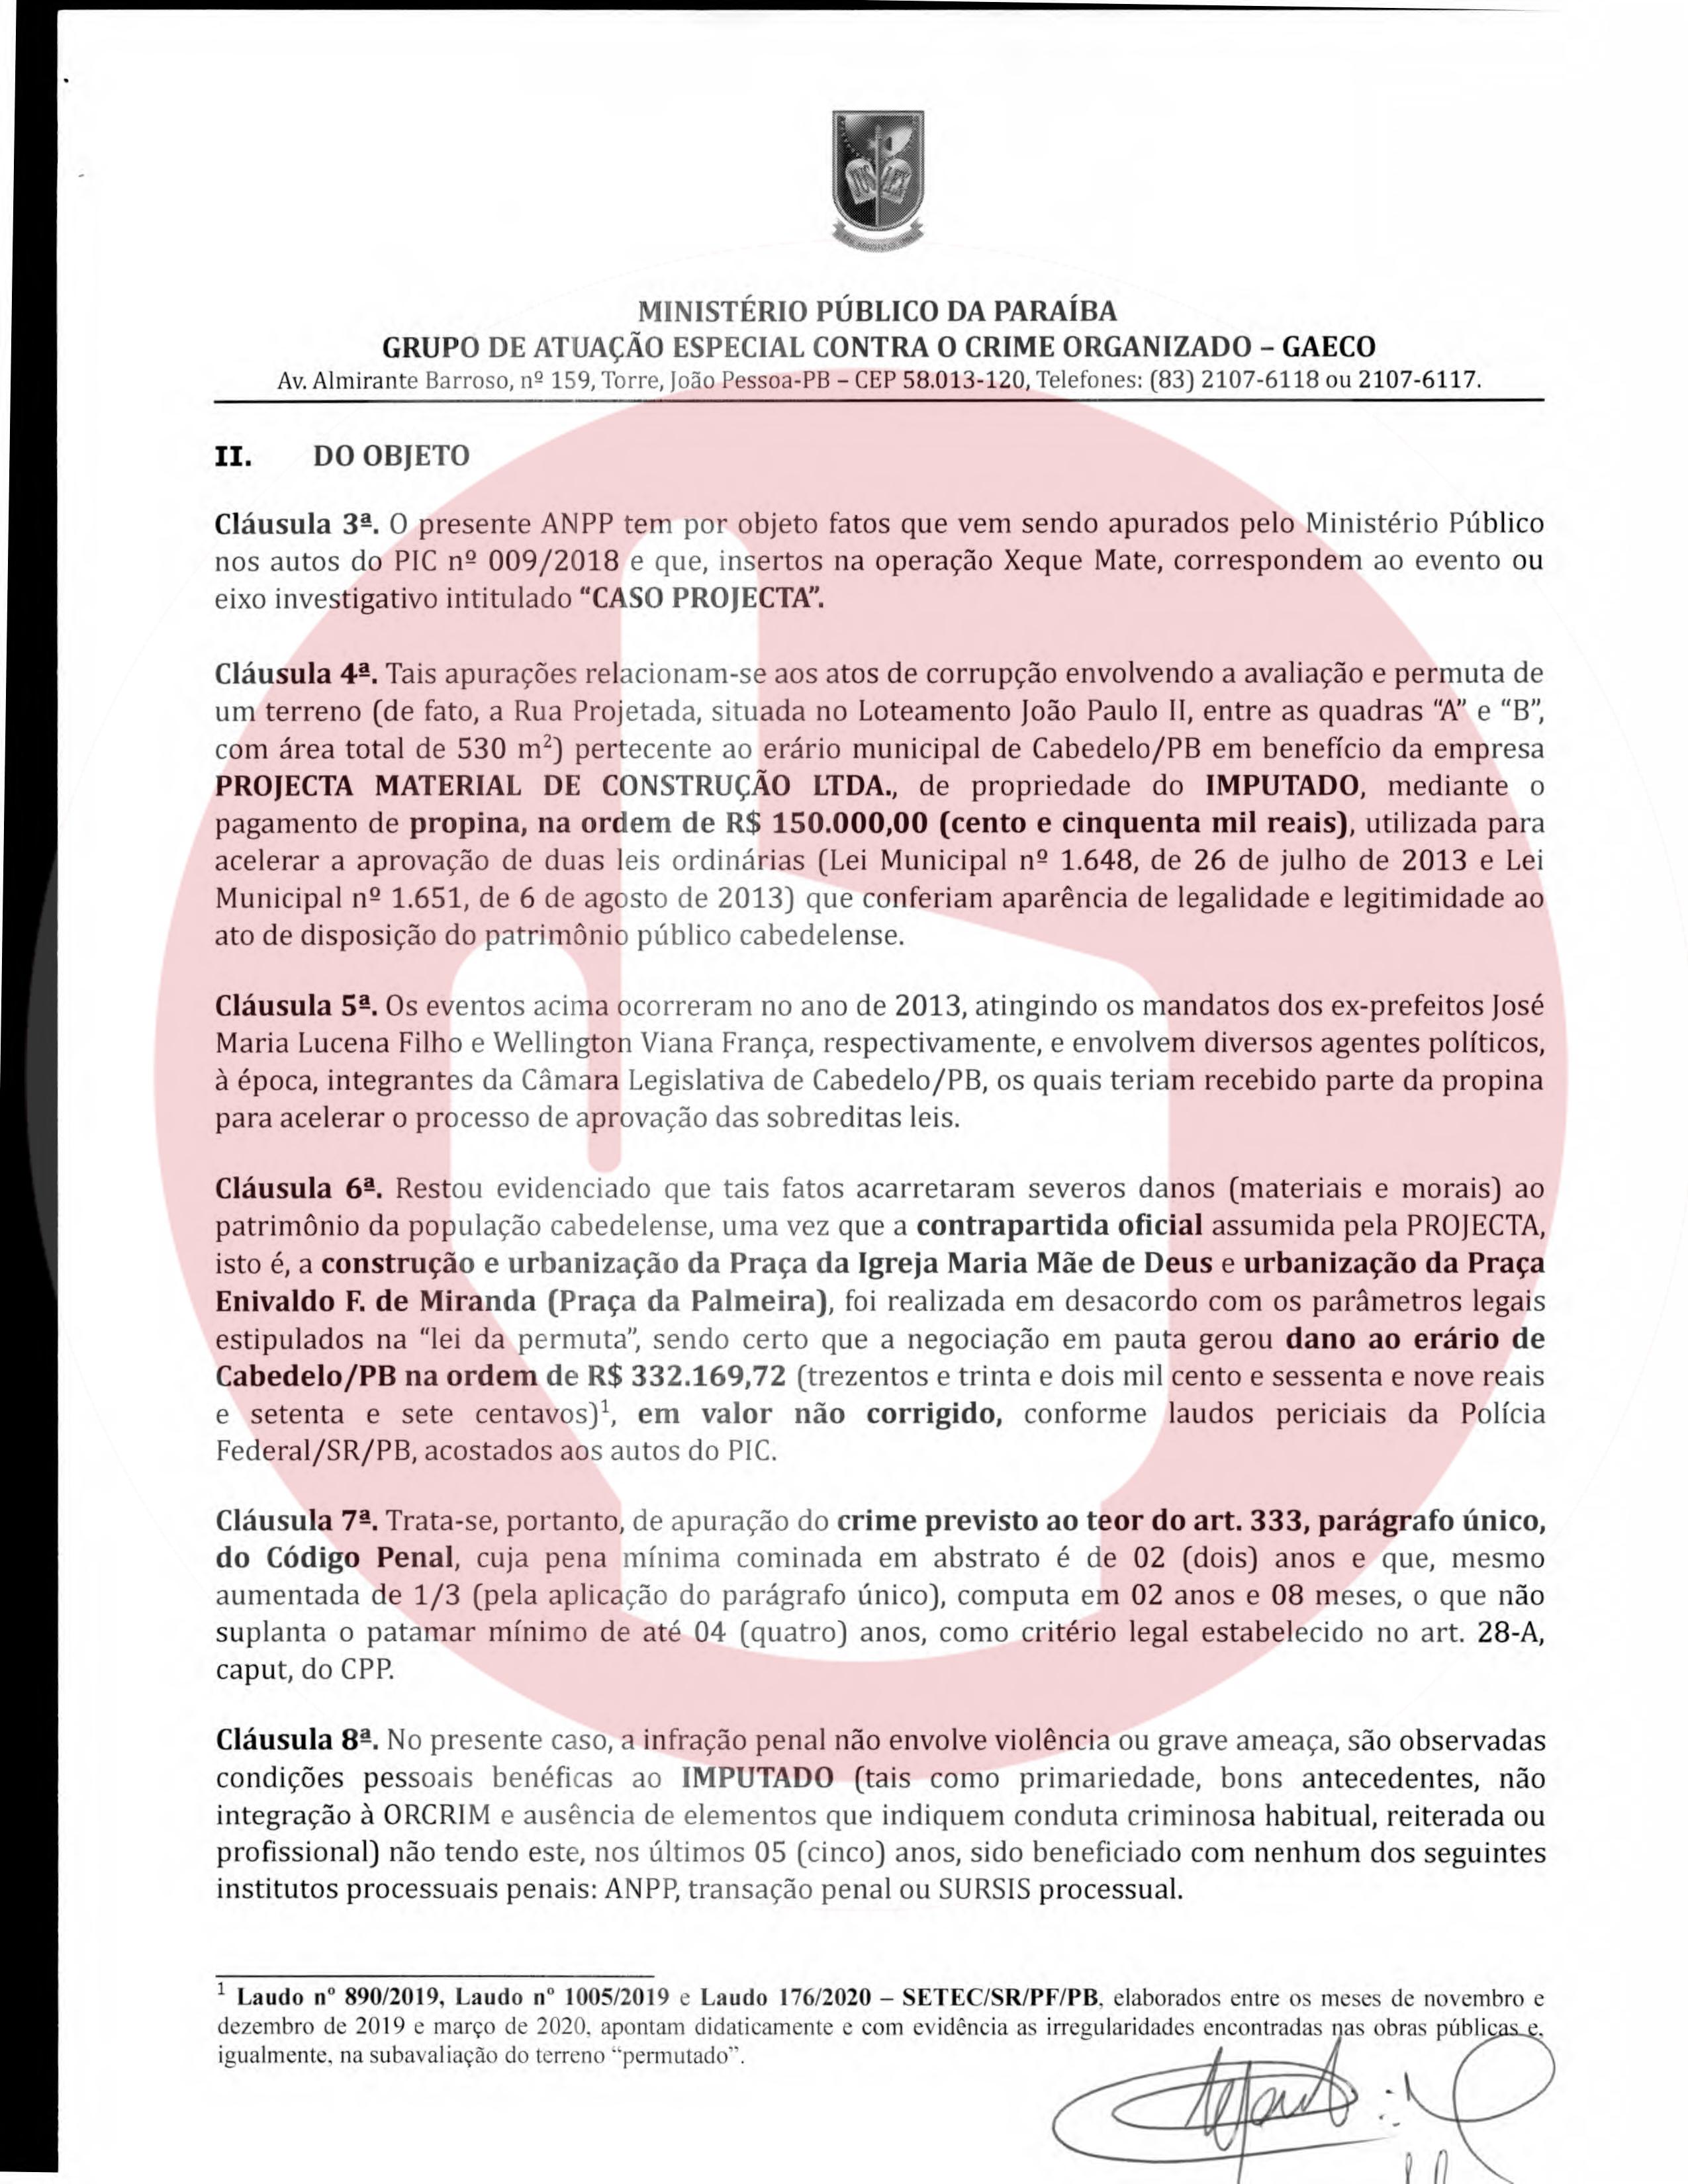 termo de anpp   henrique geraldo lara 2 - Henrique Lara, dono da Projecta fez acordo de quase 1 milhão de reais para não ser denunciado na Xeque-Mate - VEJA O DOCUMENTO